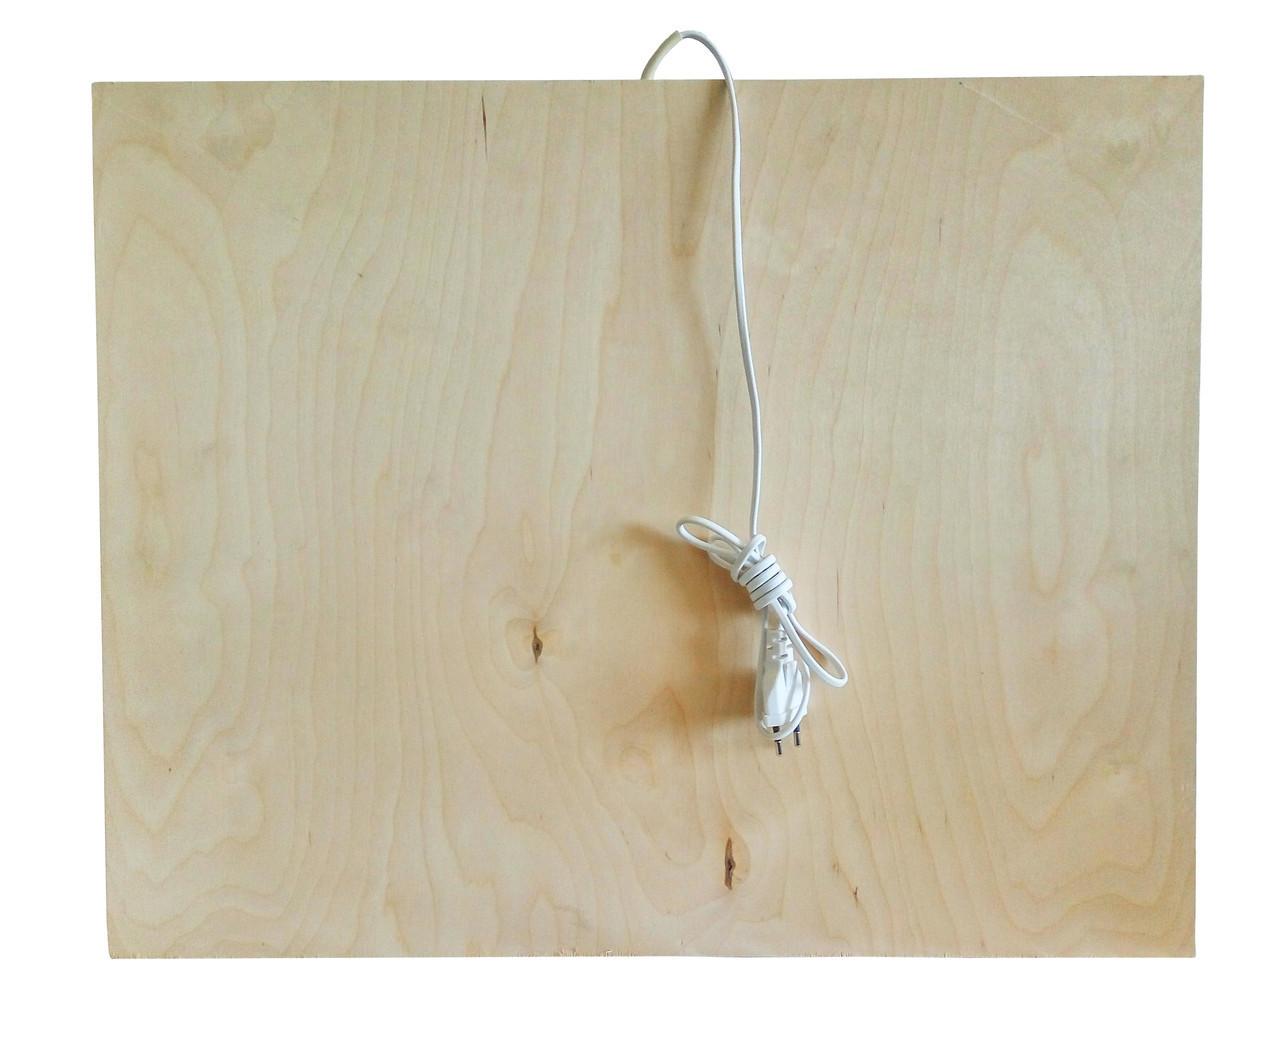 Инфракрасный деревянный обогреватель-подставка QSB 100 Вт Бежевый (46-891711834)